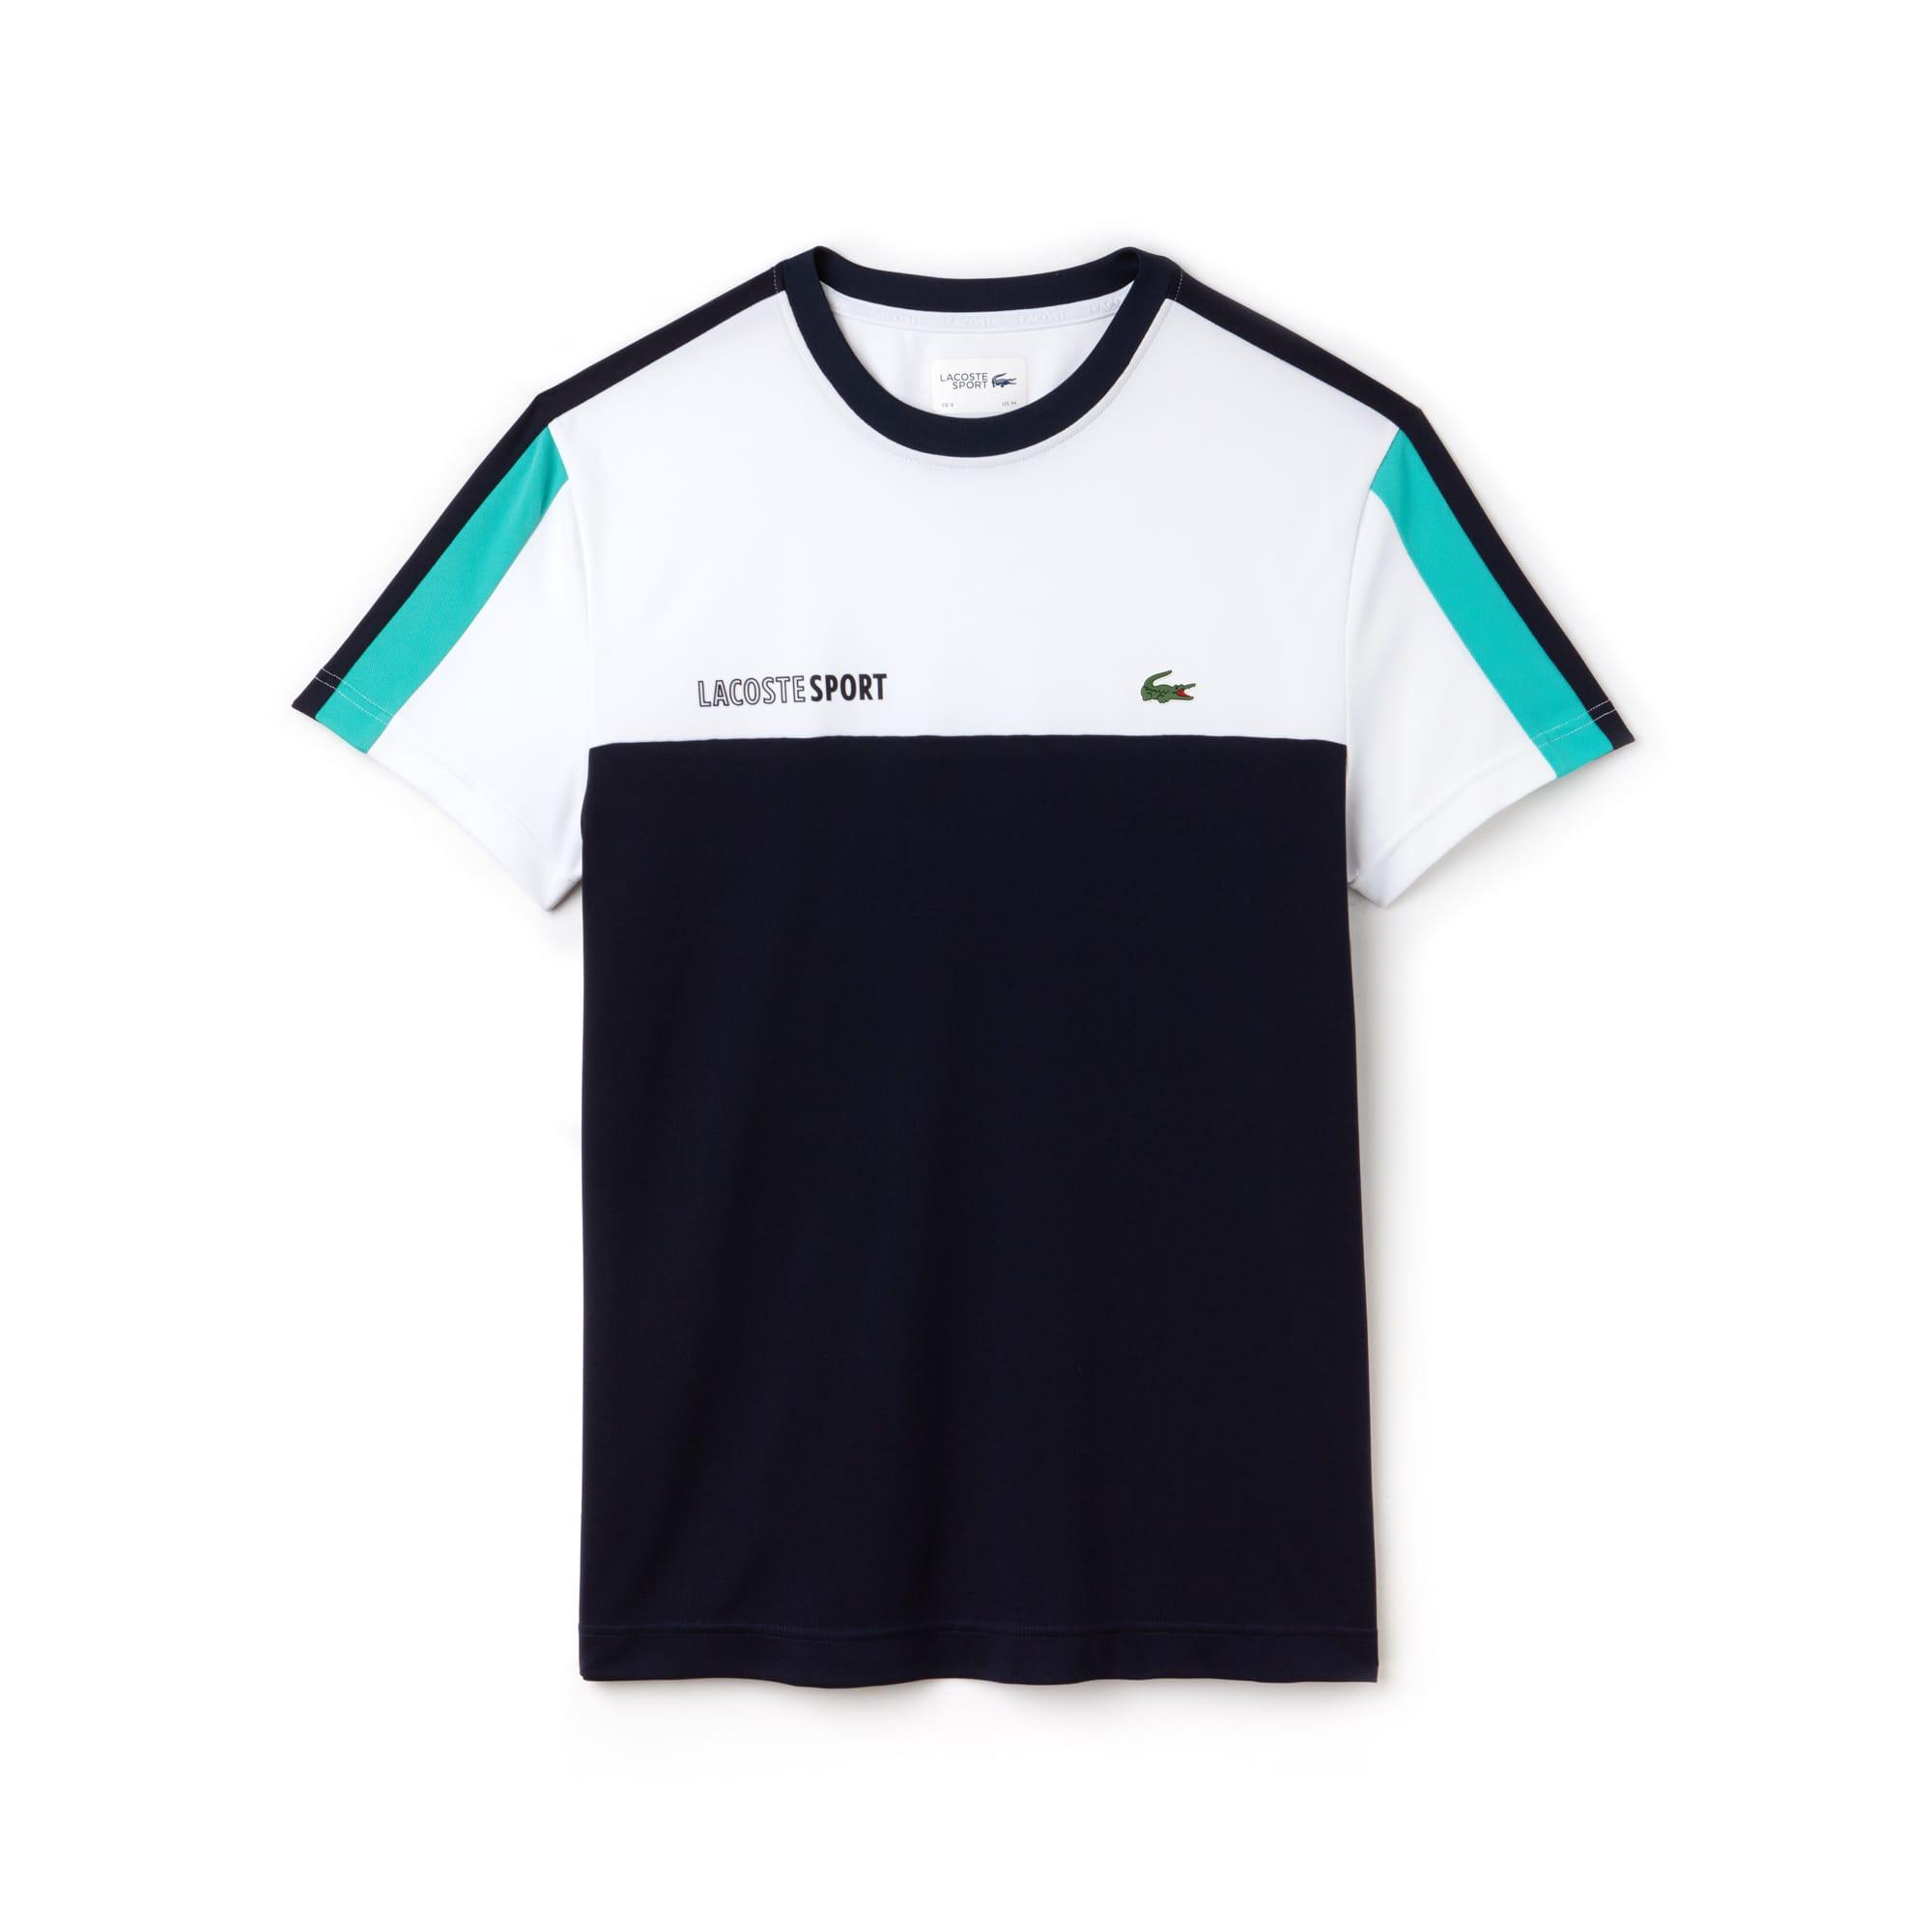 Soldes Lacoste Tous Homme Shirts Les T 1wwqngpS